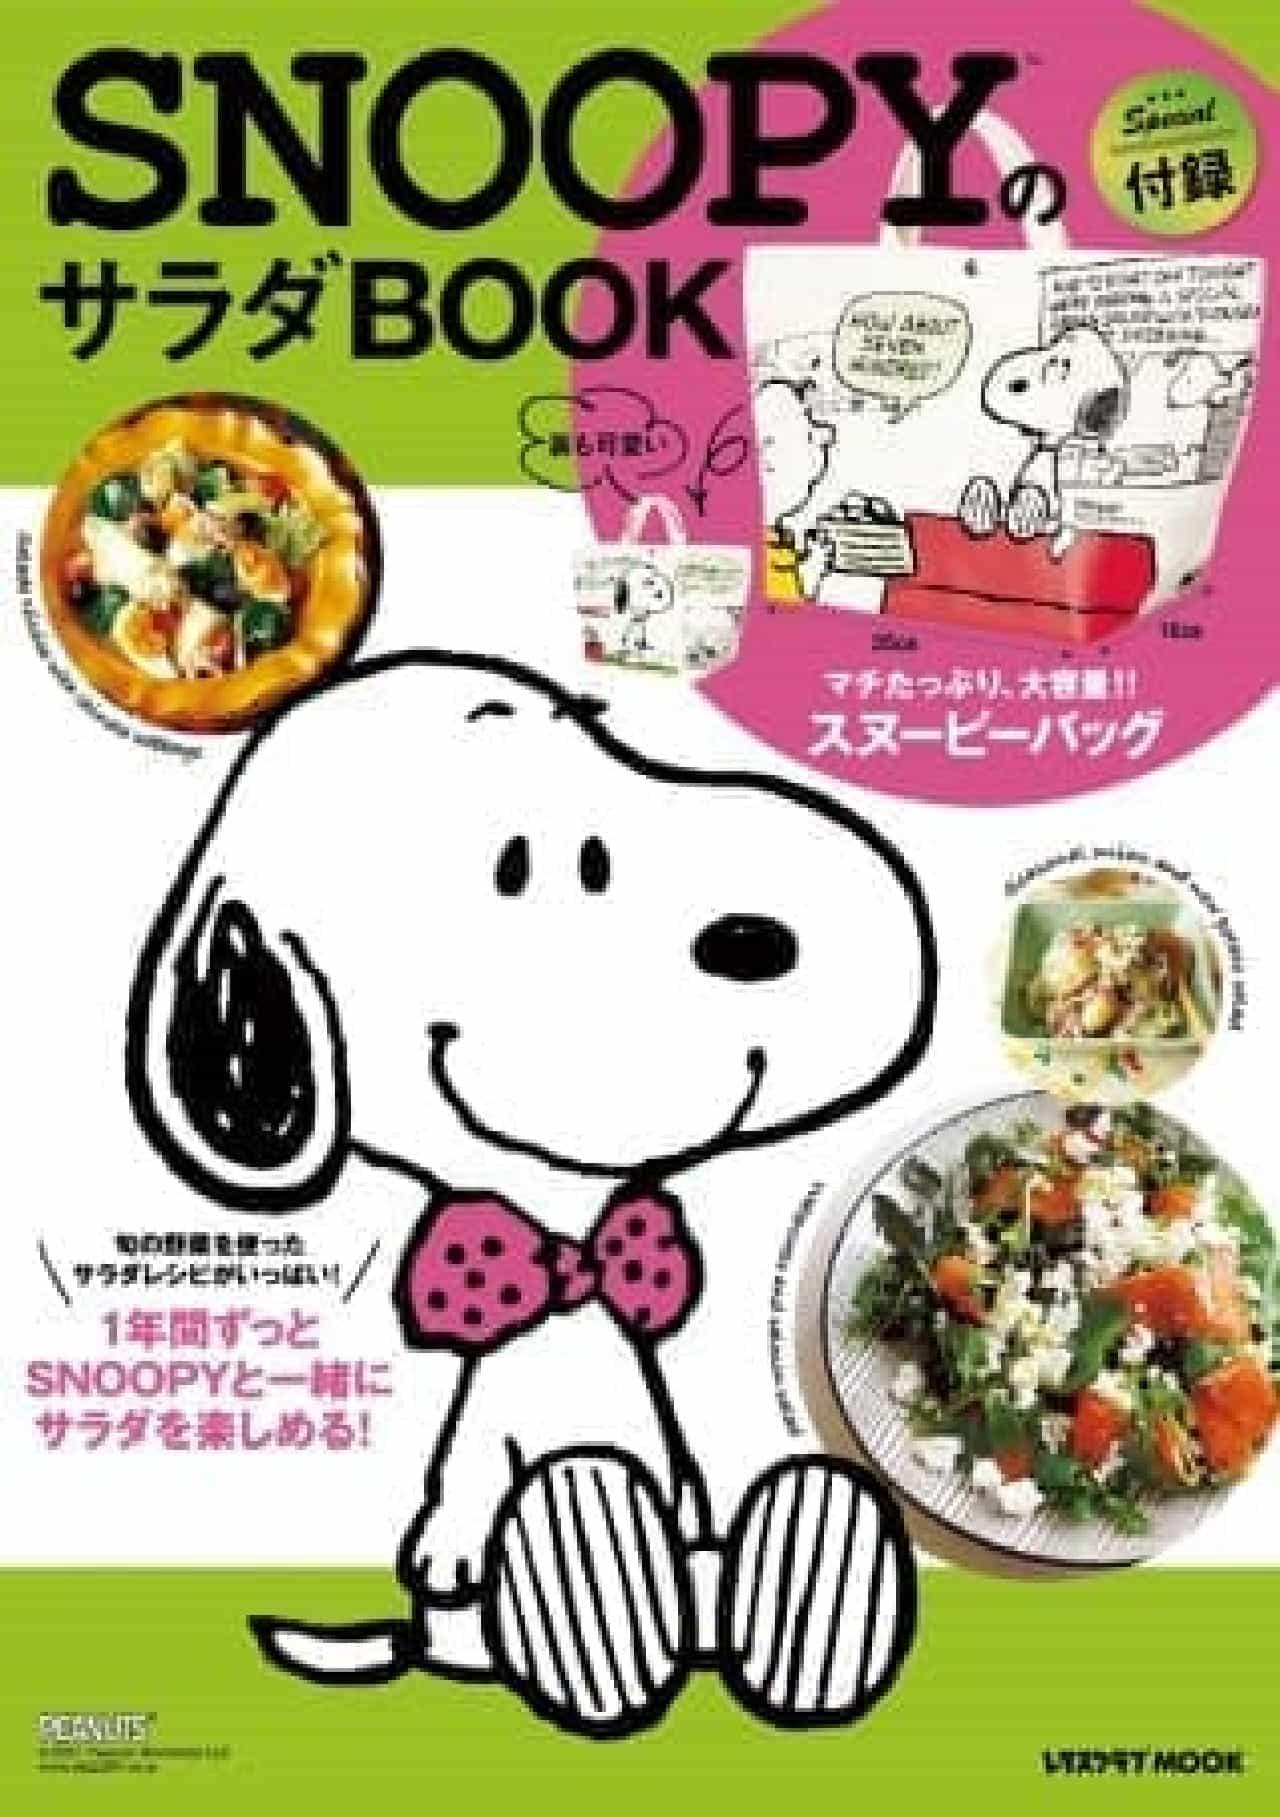 スヌーピーレシピ本「SNOOPYのサラダBOOK」